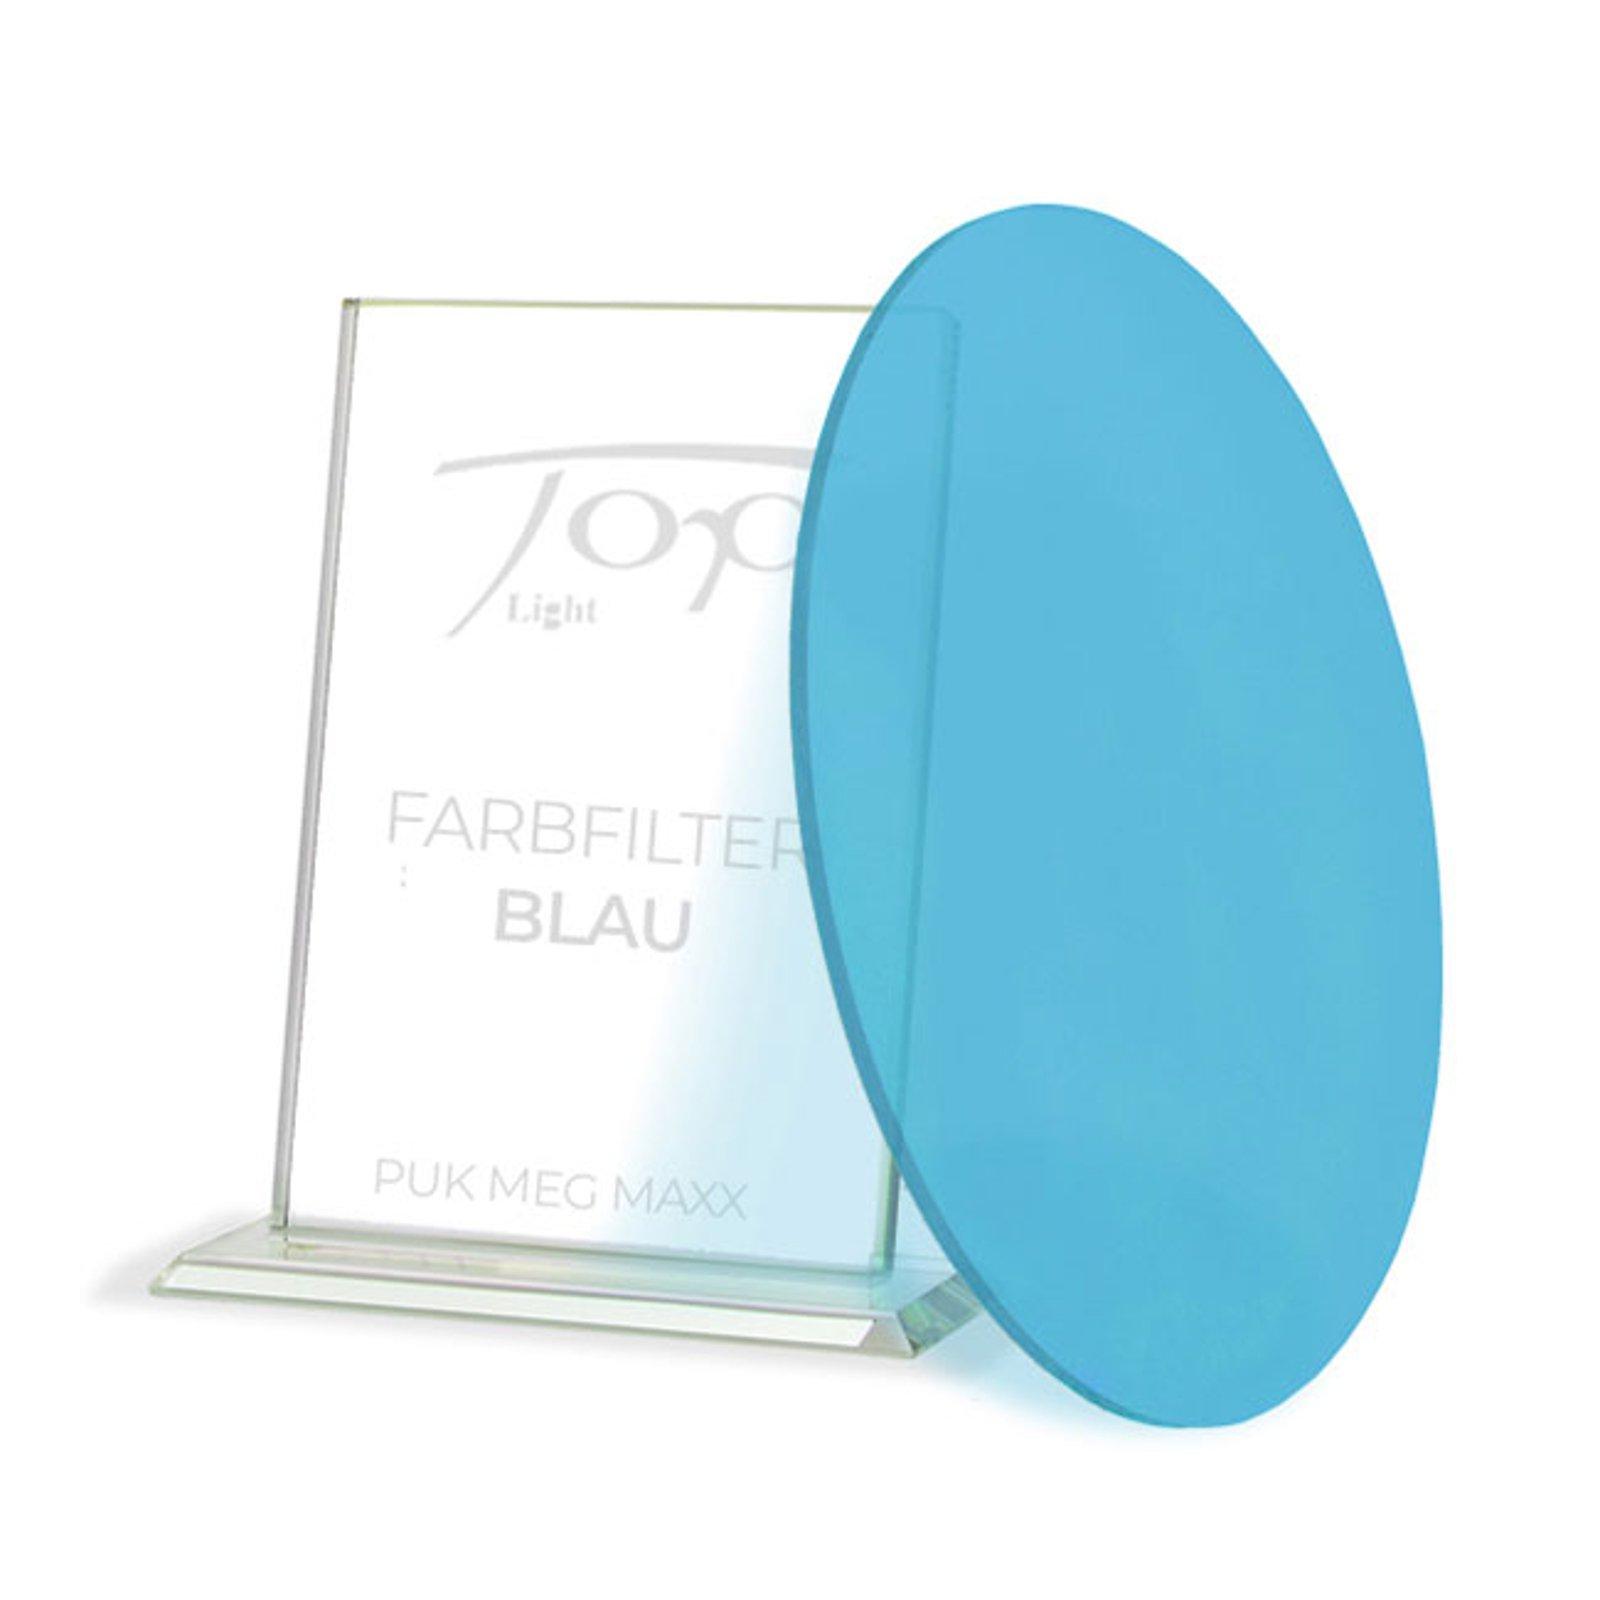 Fargefilter for lampeserien Puk Meg Maxx, blå